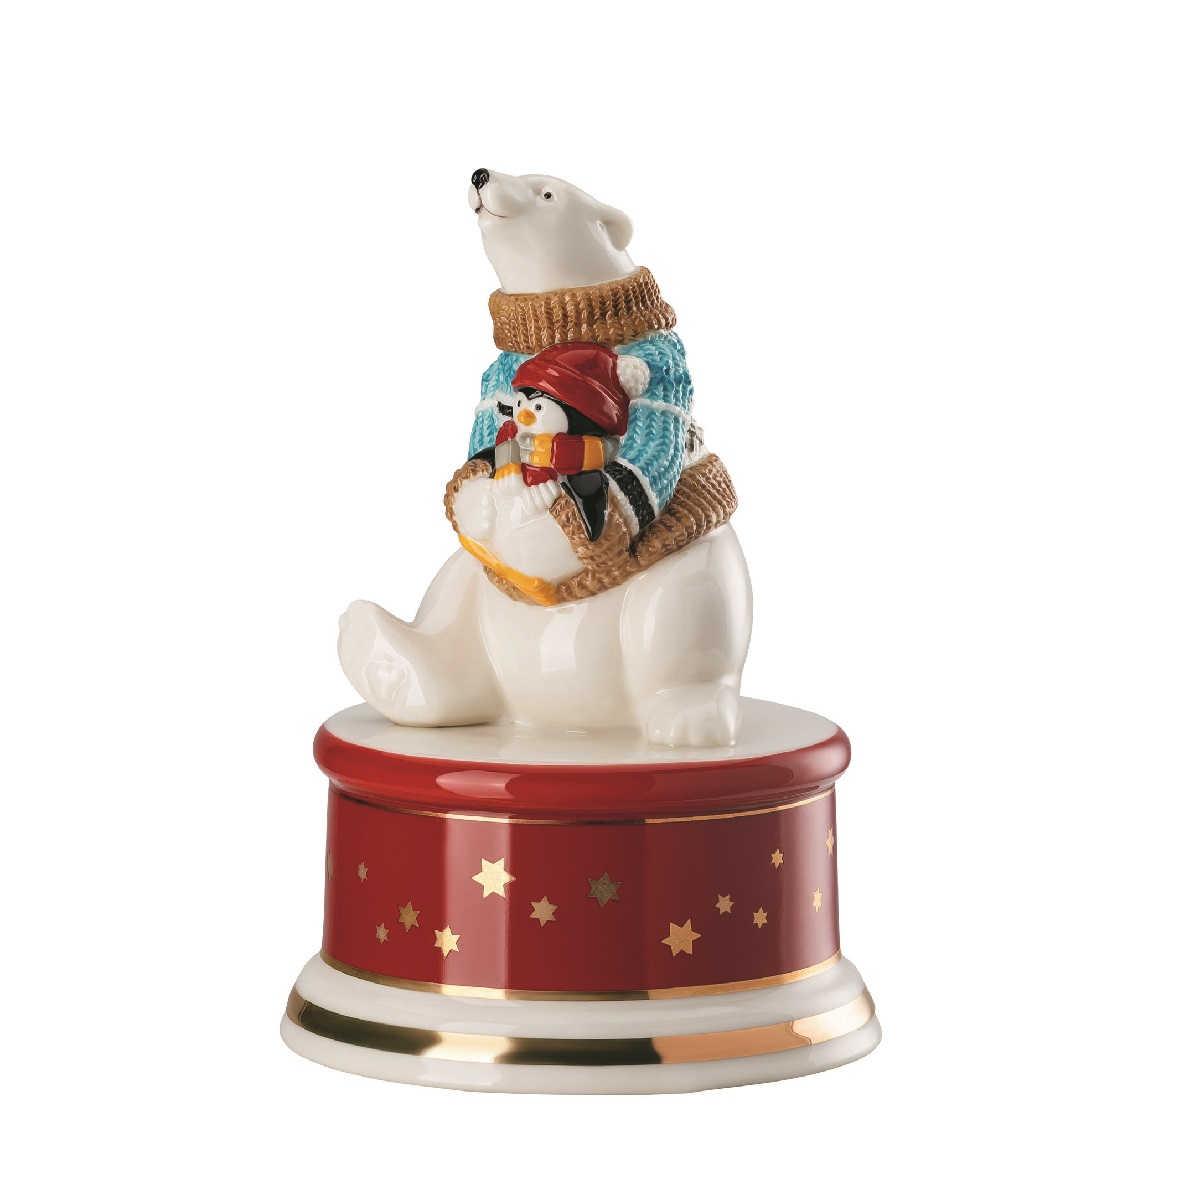 Hutschenreuther Sammelserie Weihnachtslied 2019 Spieluhr klein 'Schneeflöckchen, Weißröckchen' d: 9 cm / h: 13 cm | Kinderzimmer > Spielzeuge > Spieluhren | Hutschenreuther